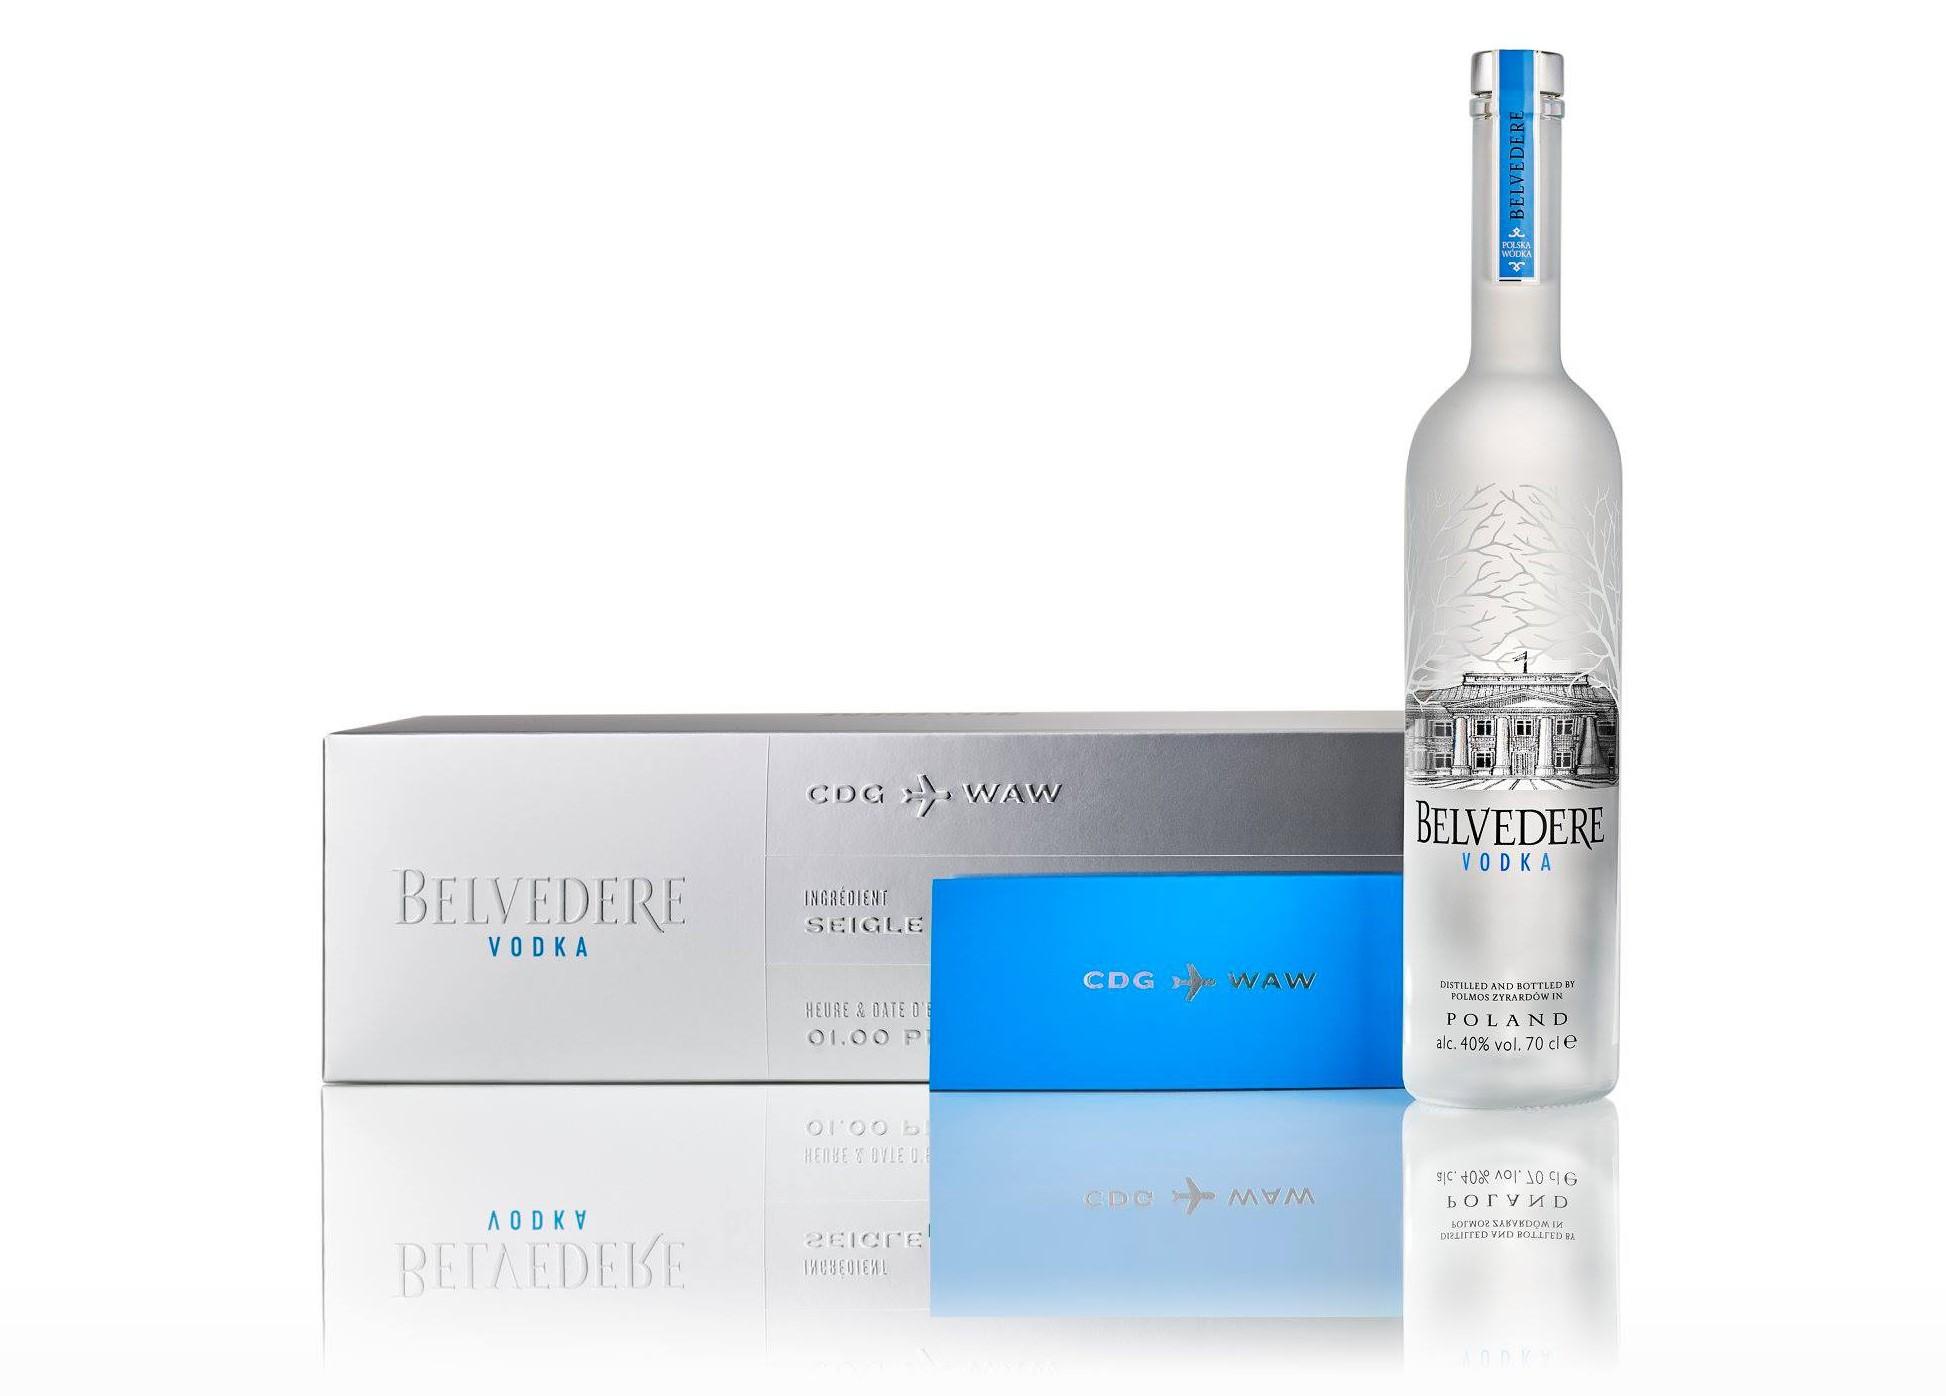 Vodka Belvédère - LVMH - Coffret voyage en Pologne à la Grande Epicerie de Paris